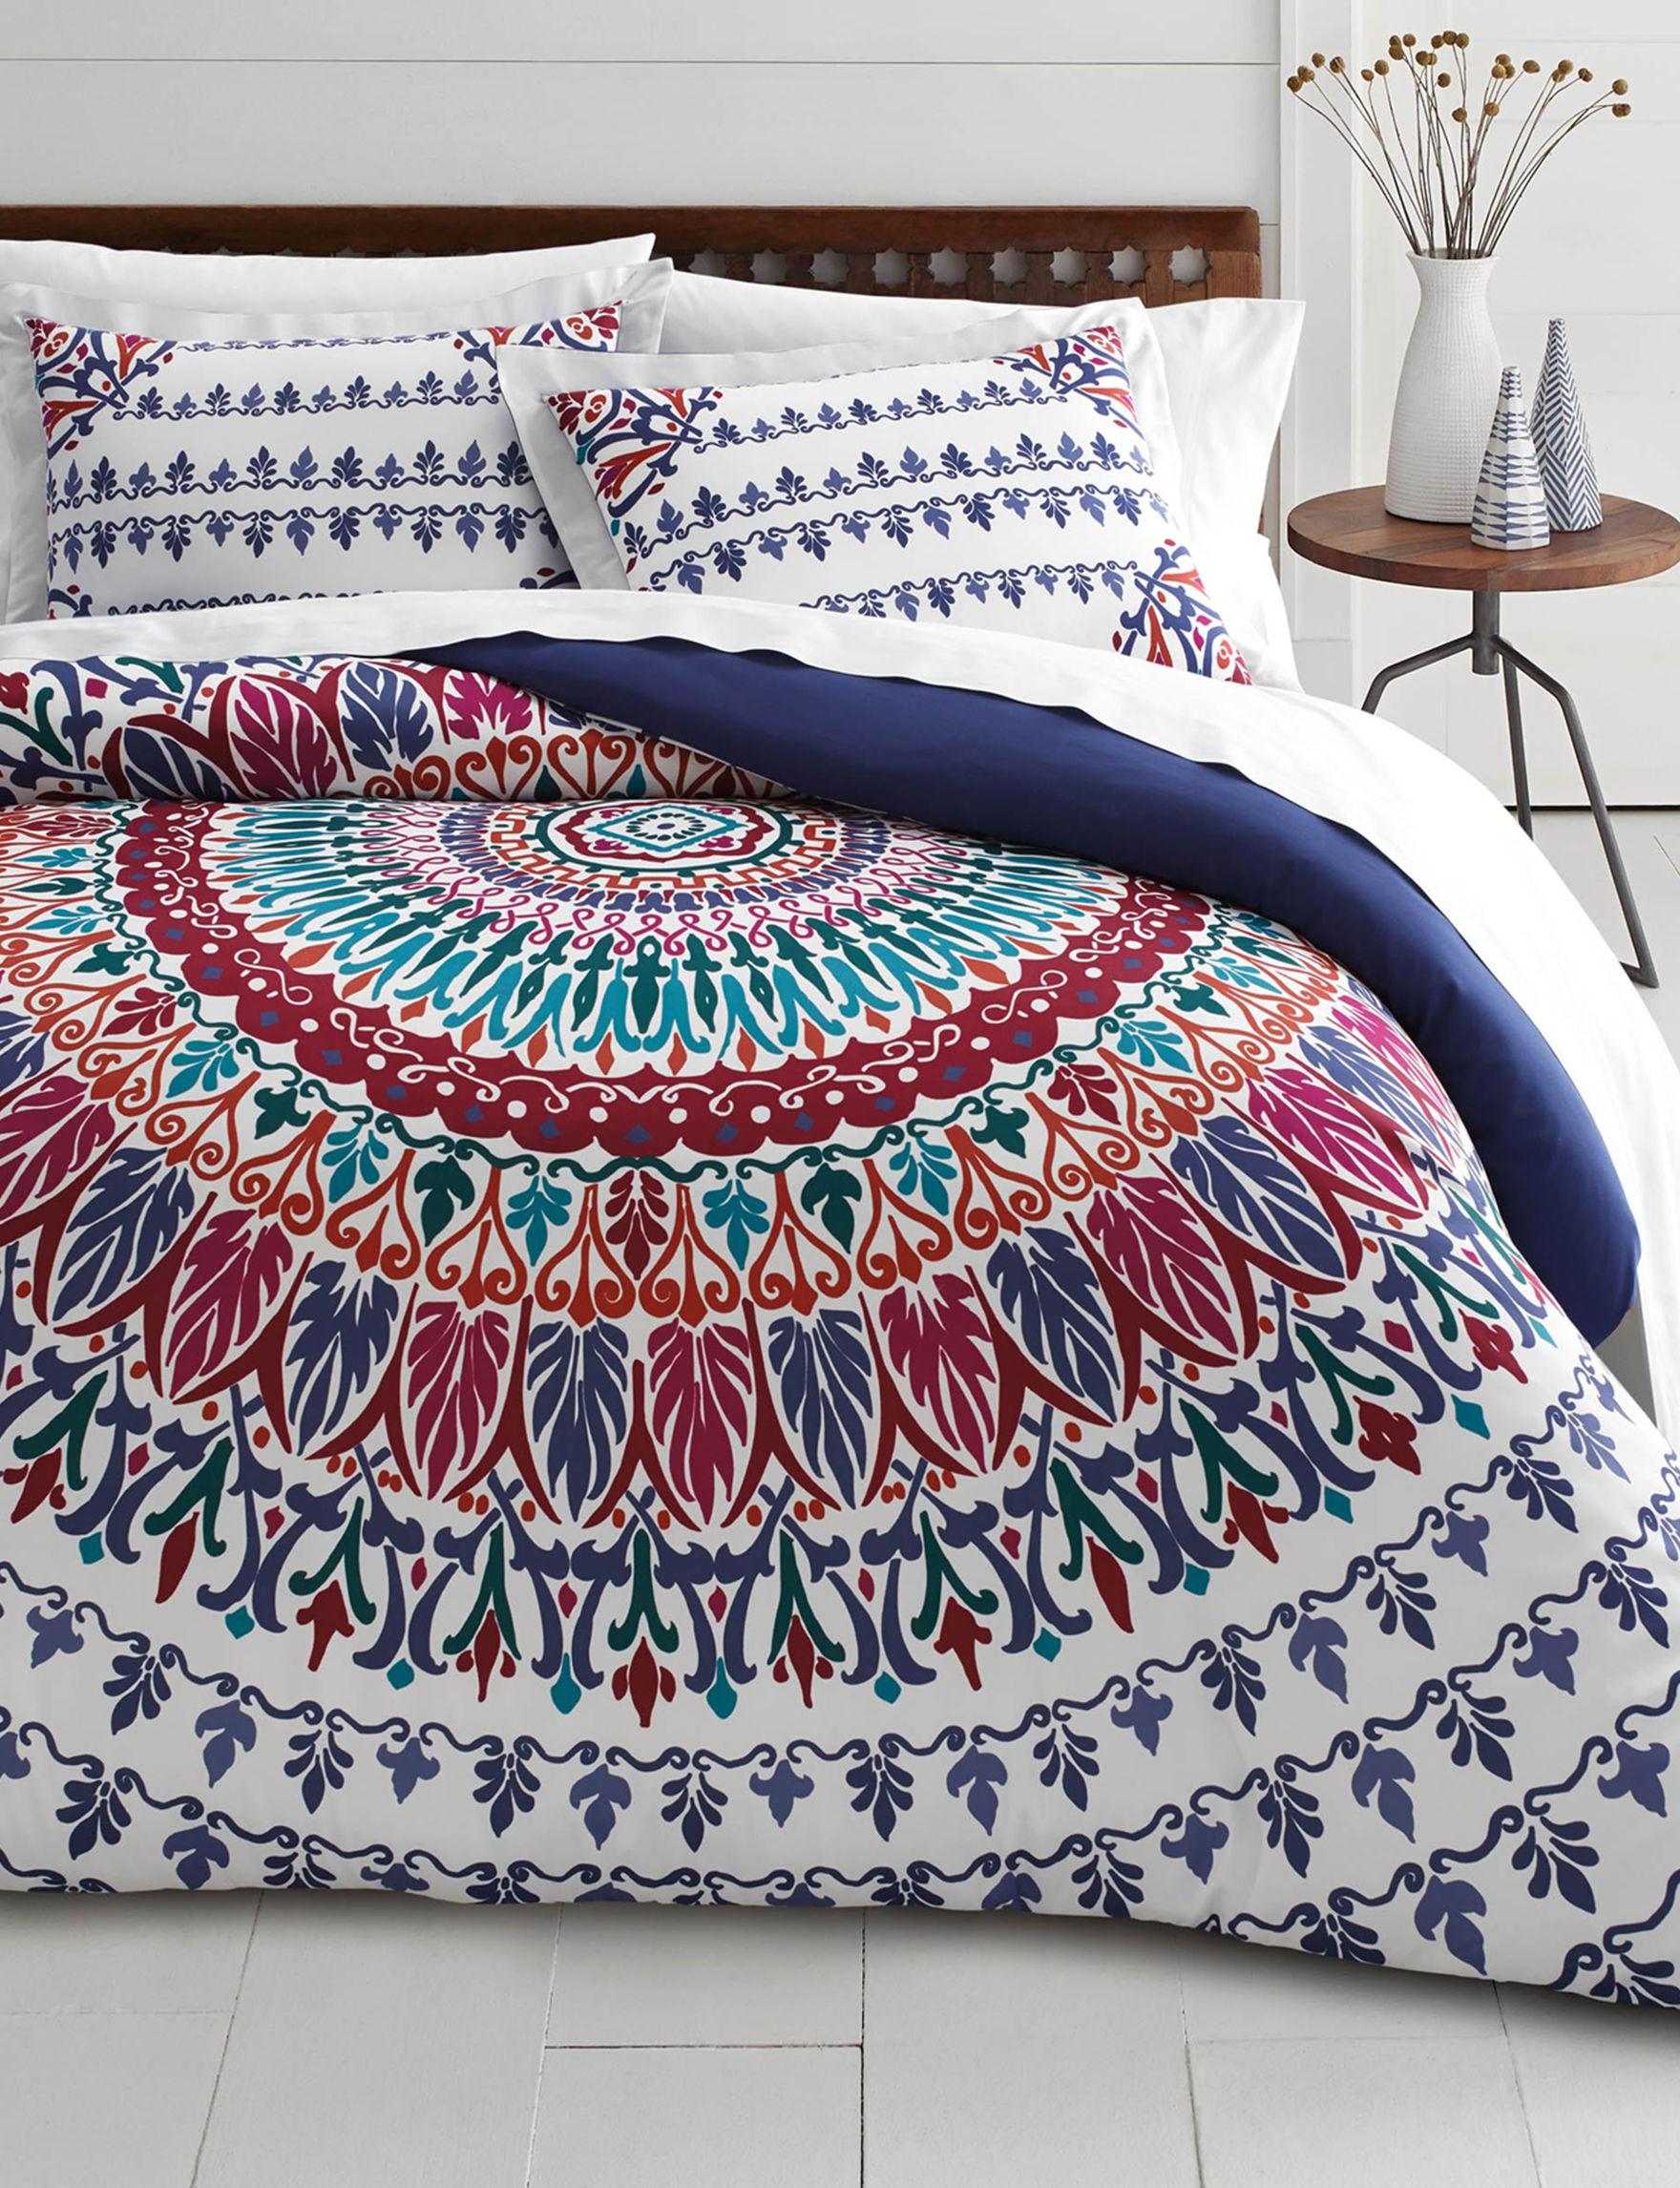 Azalea Navy Comforters & Comforter Sets